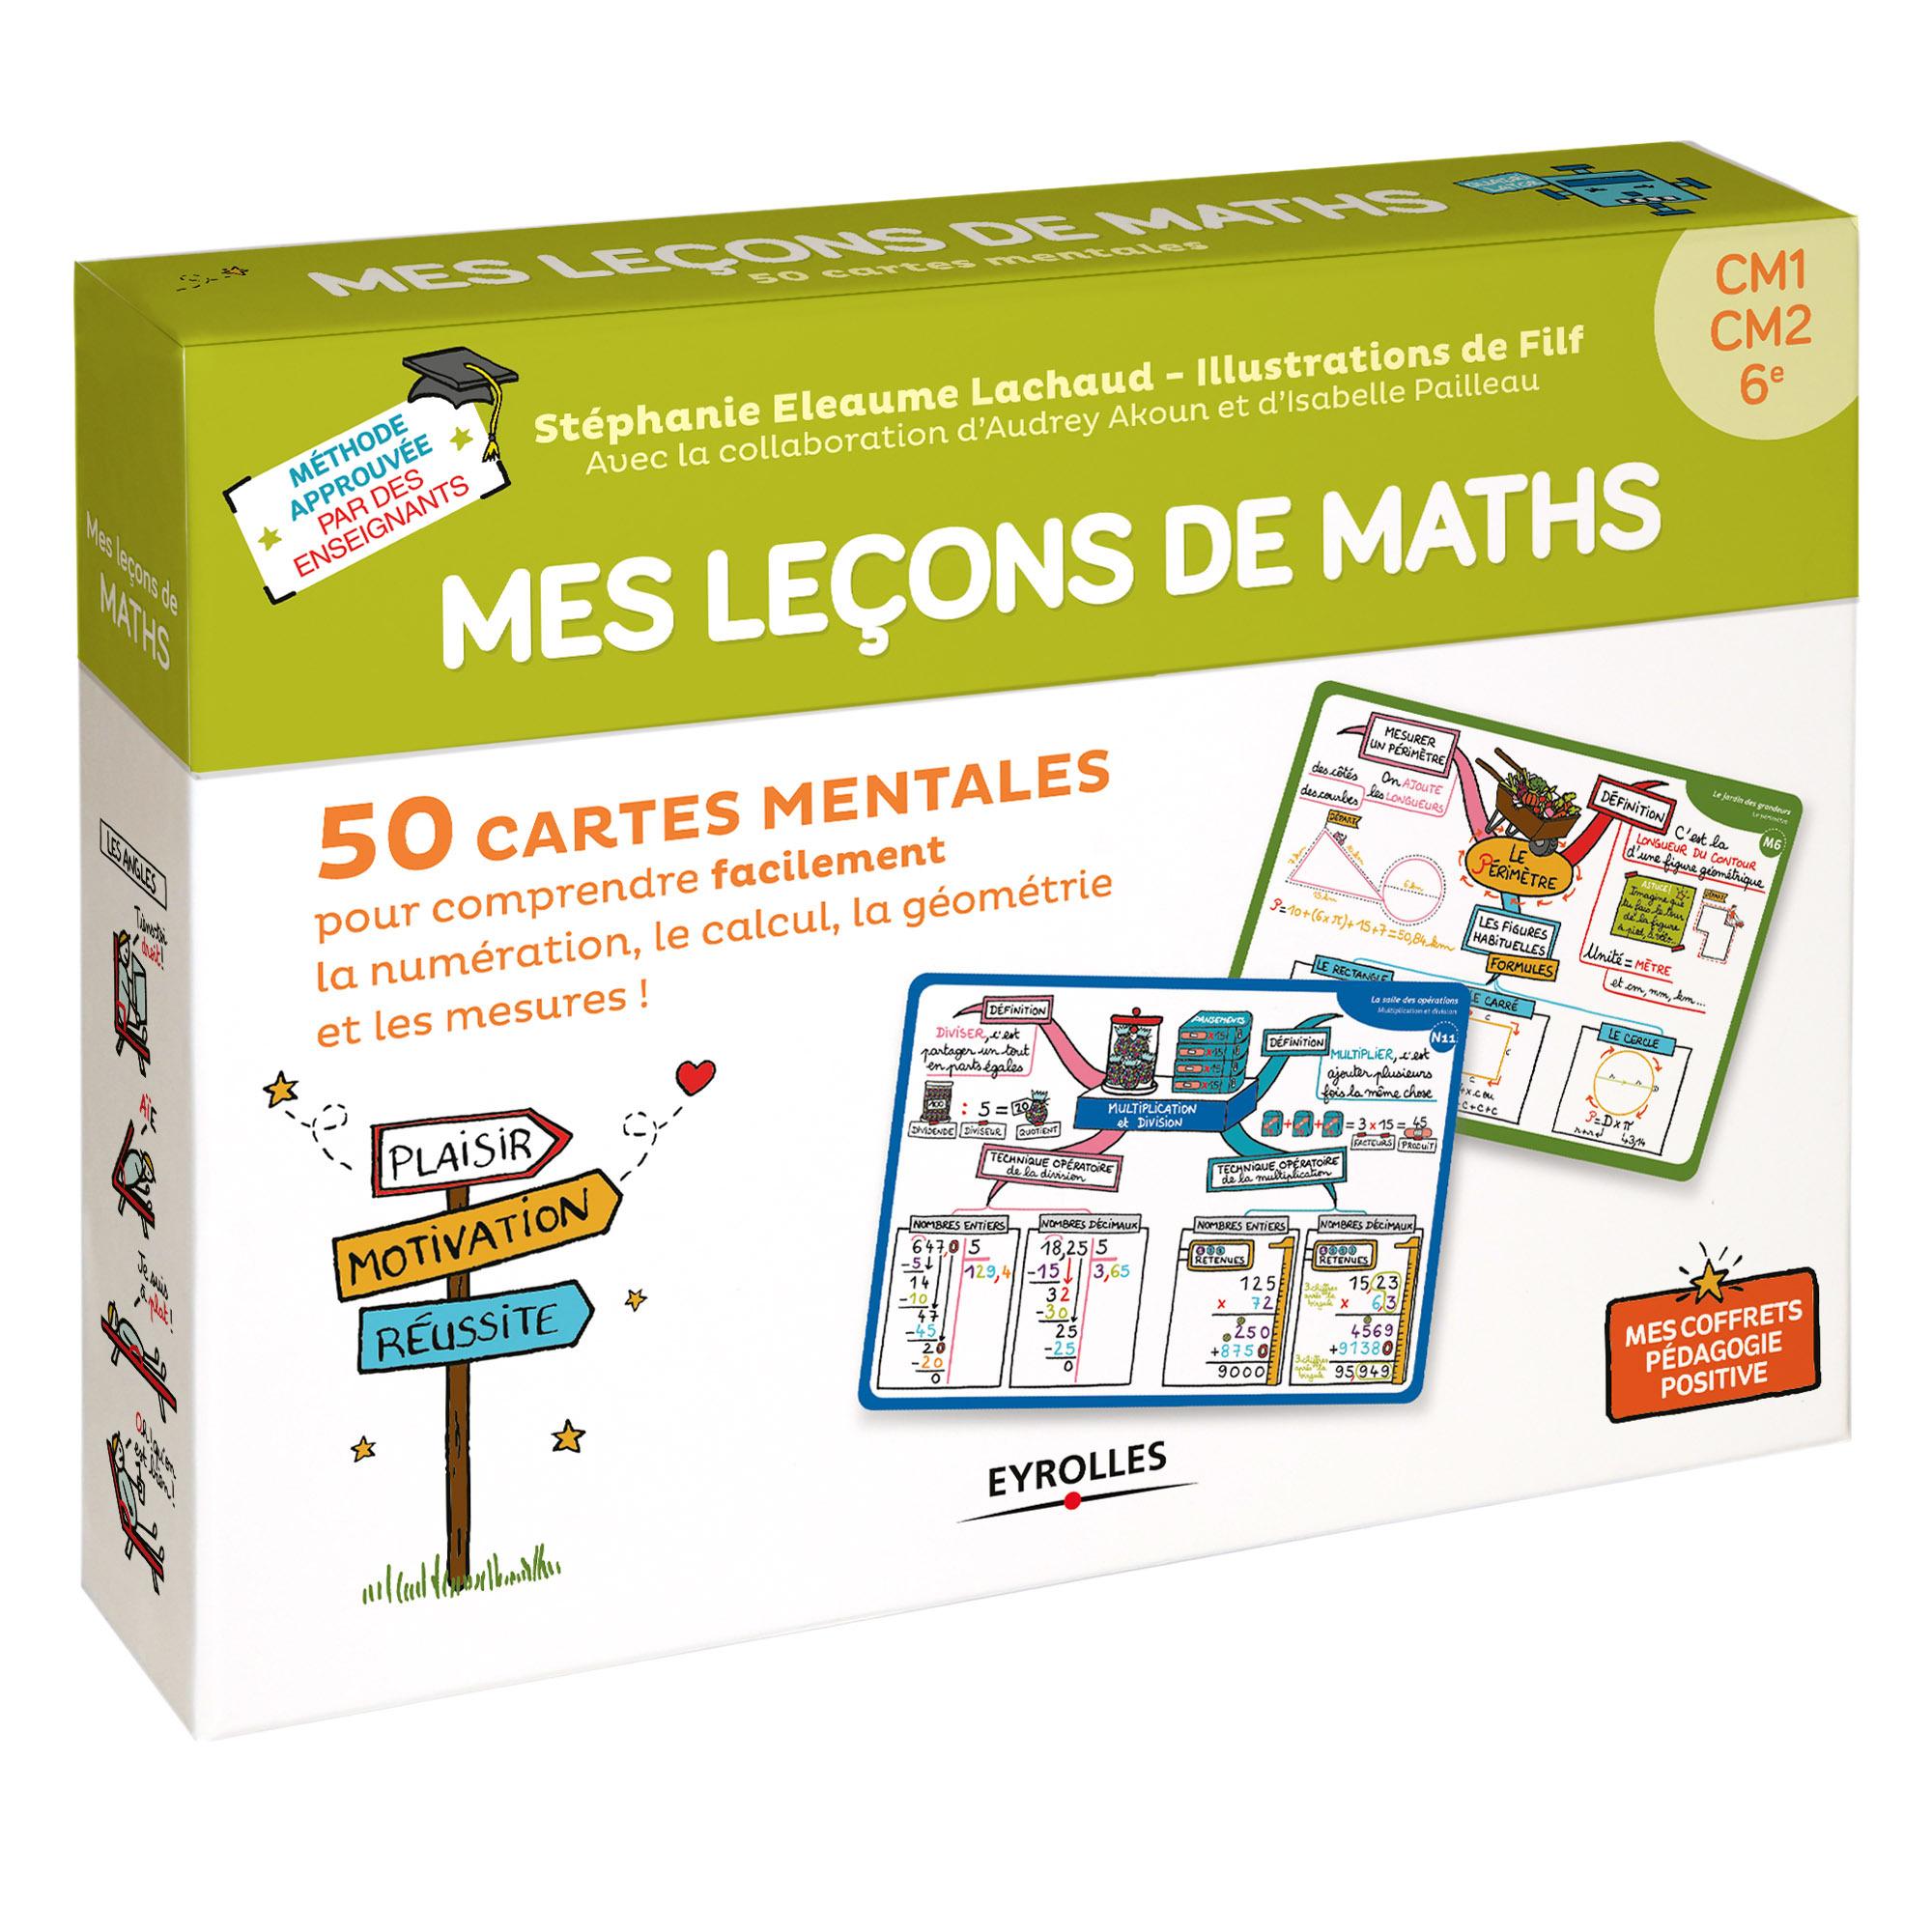 COFFRET MES LECONS DE MATHS CM1 CM2 6E - 50 CARTES MENTALES POUR COMPRENDRE FACILEMENT LA NUMERATION